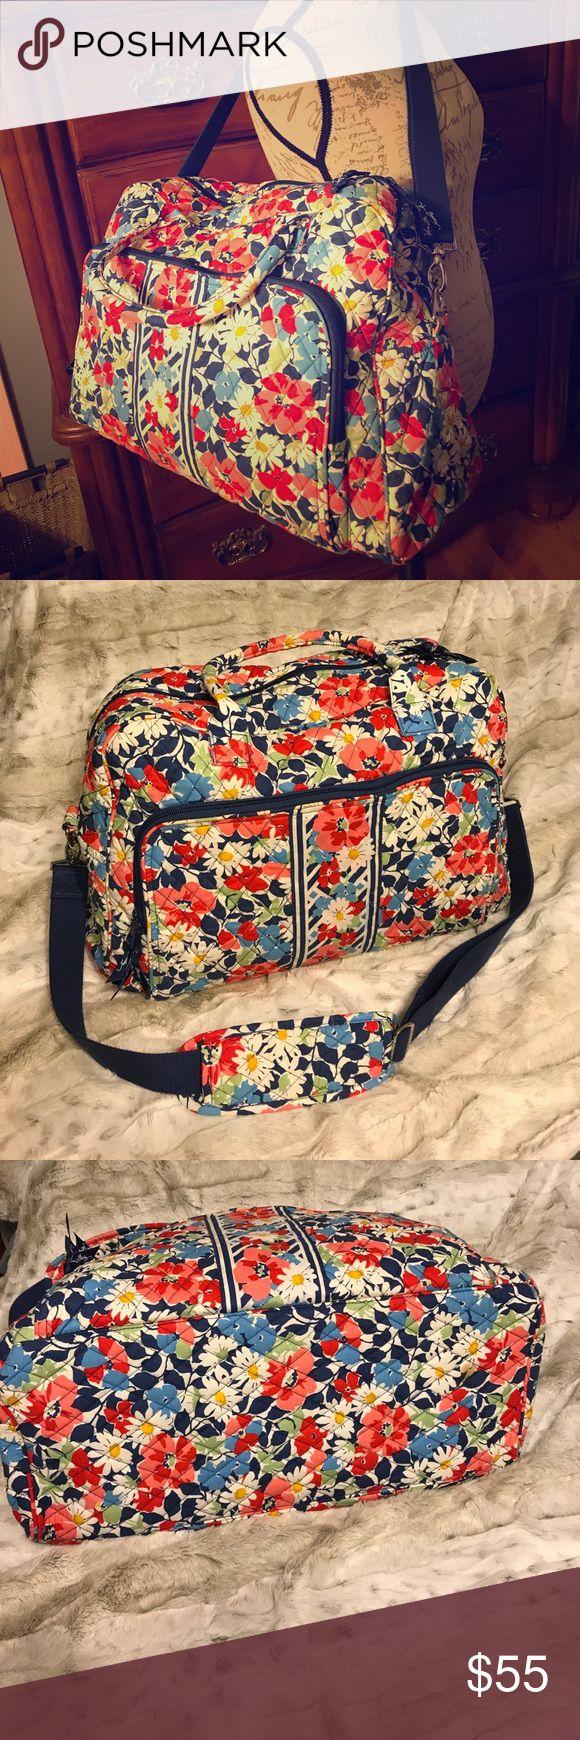 Vera Bradley Weekender Bag EUC. Vera Bradley Weekender bag. Used once. No rips, stains, etc., excellent condition. Vera Bradley Bags Travel Bags